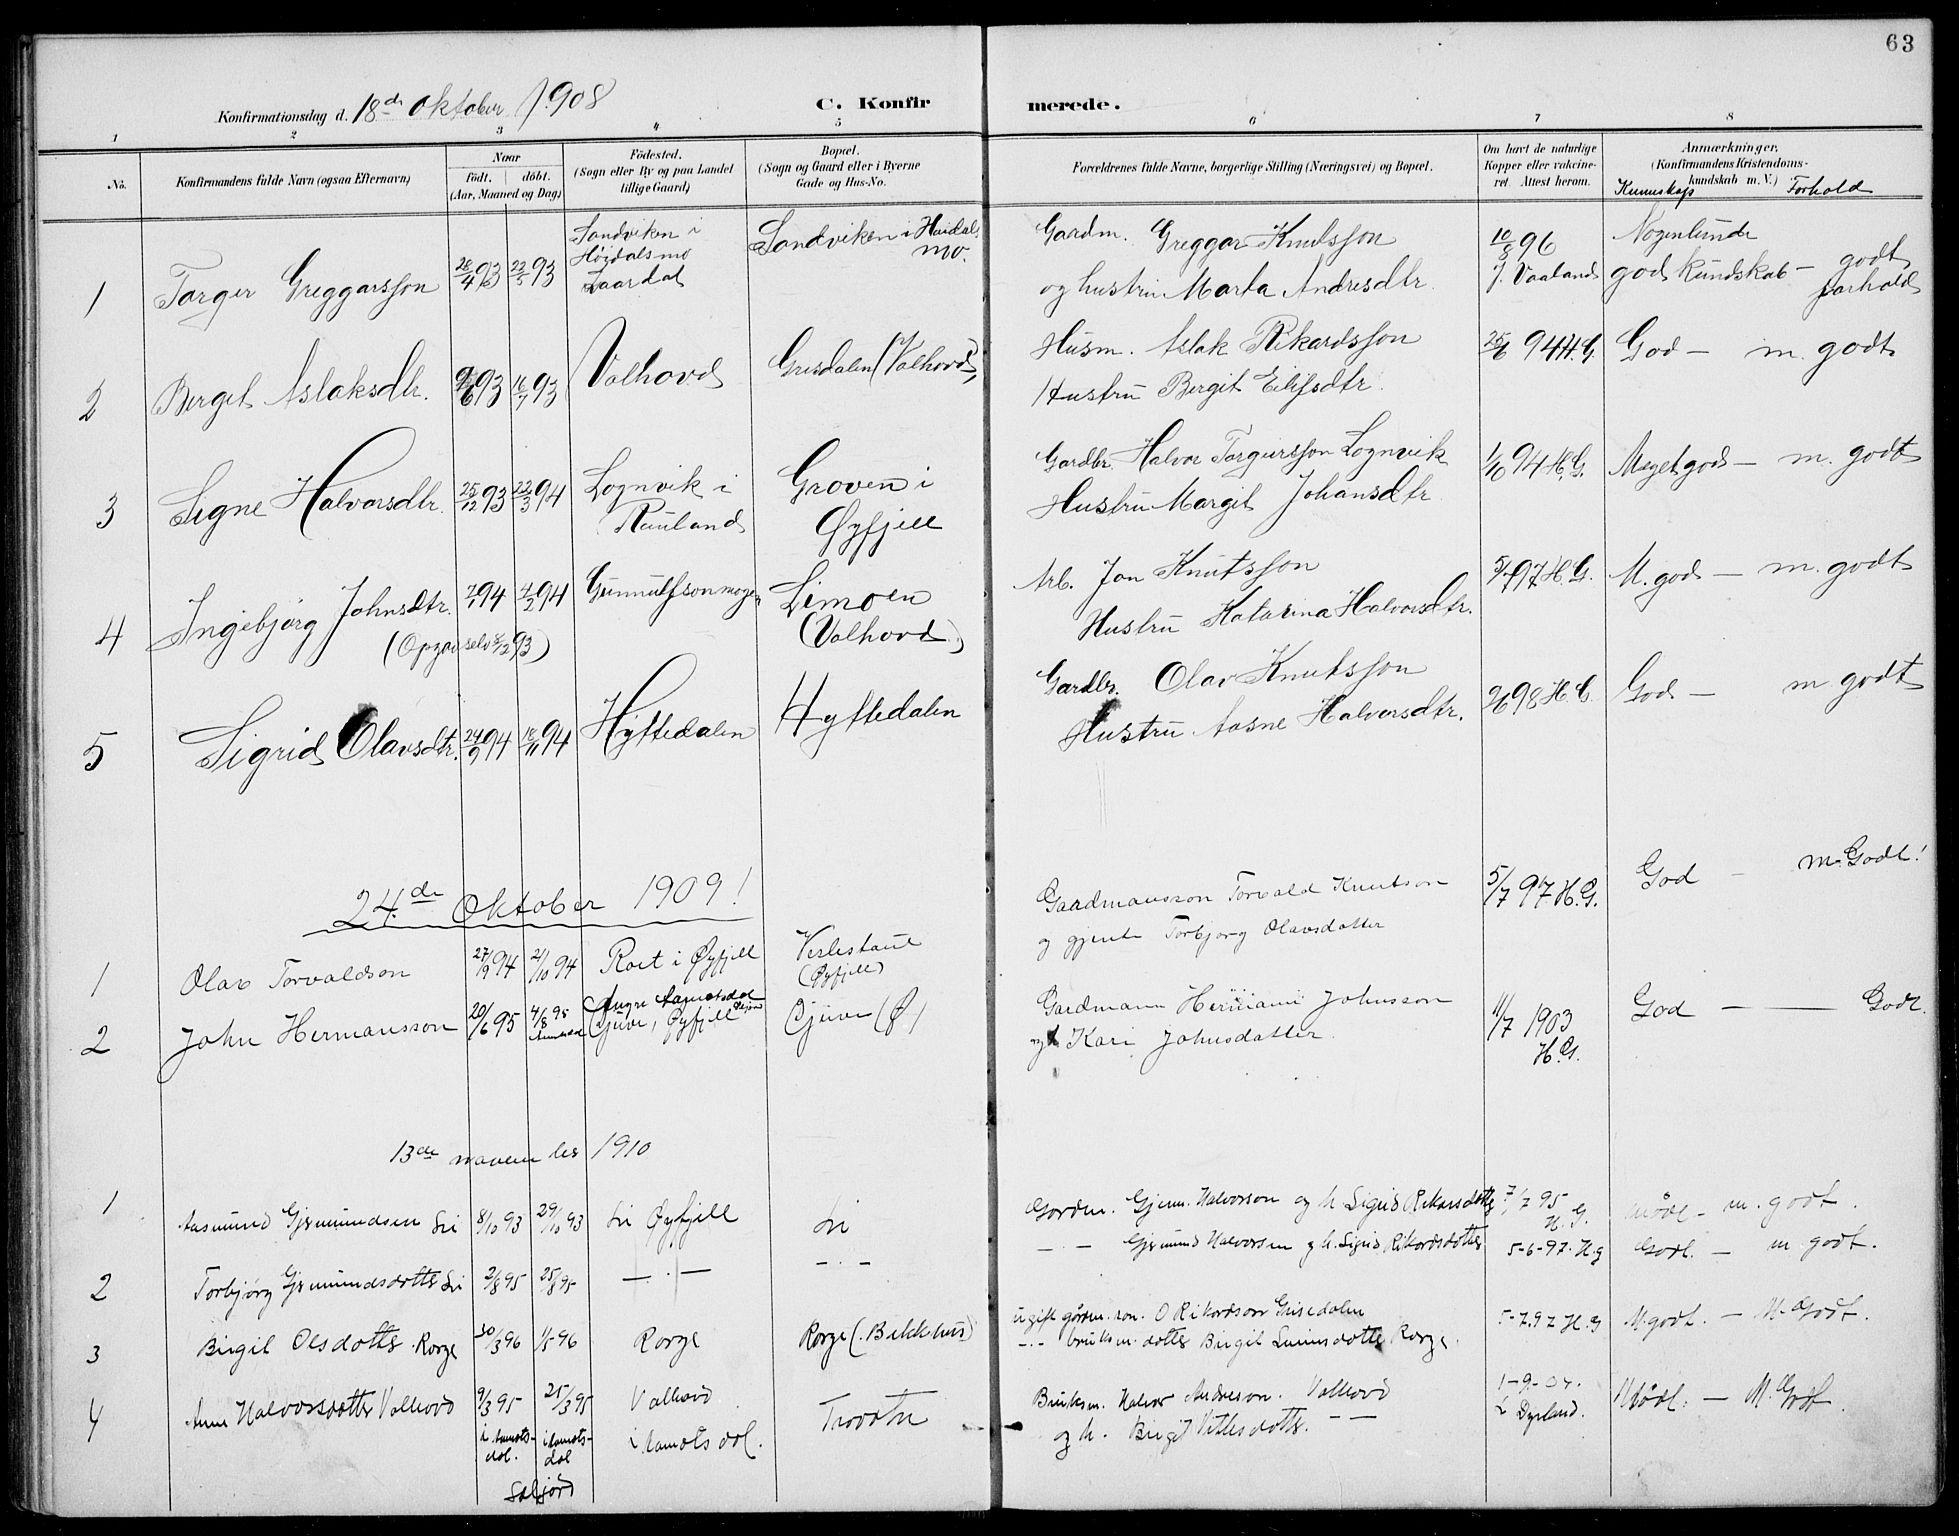 SAKO, Rauland kirkebøker, G/Gb/L0002: Klokkerbok nr. II 2, 1887-1937, s. 63